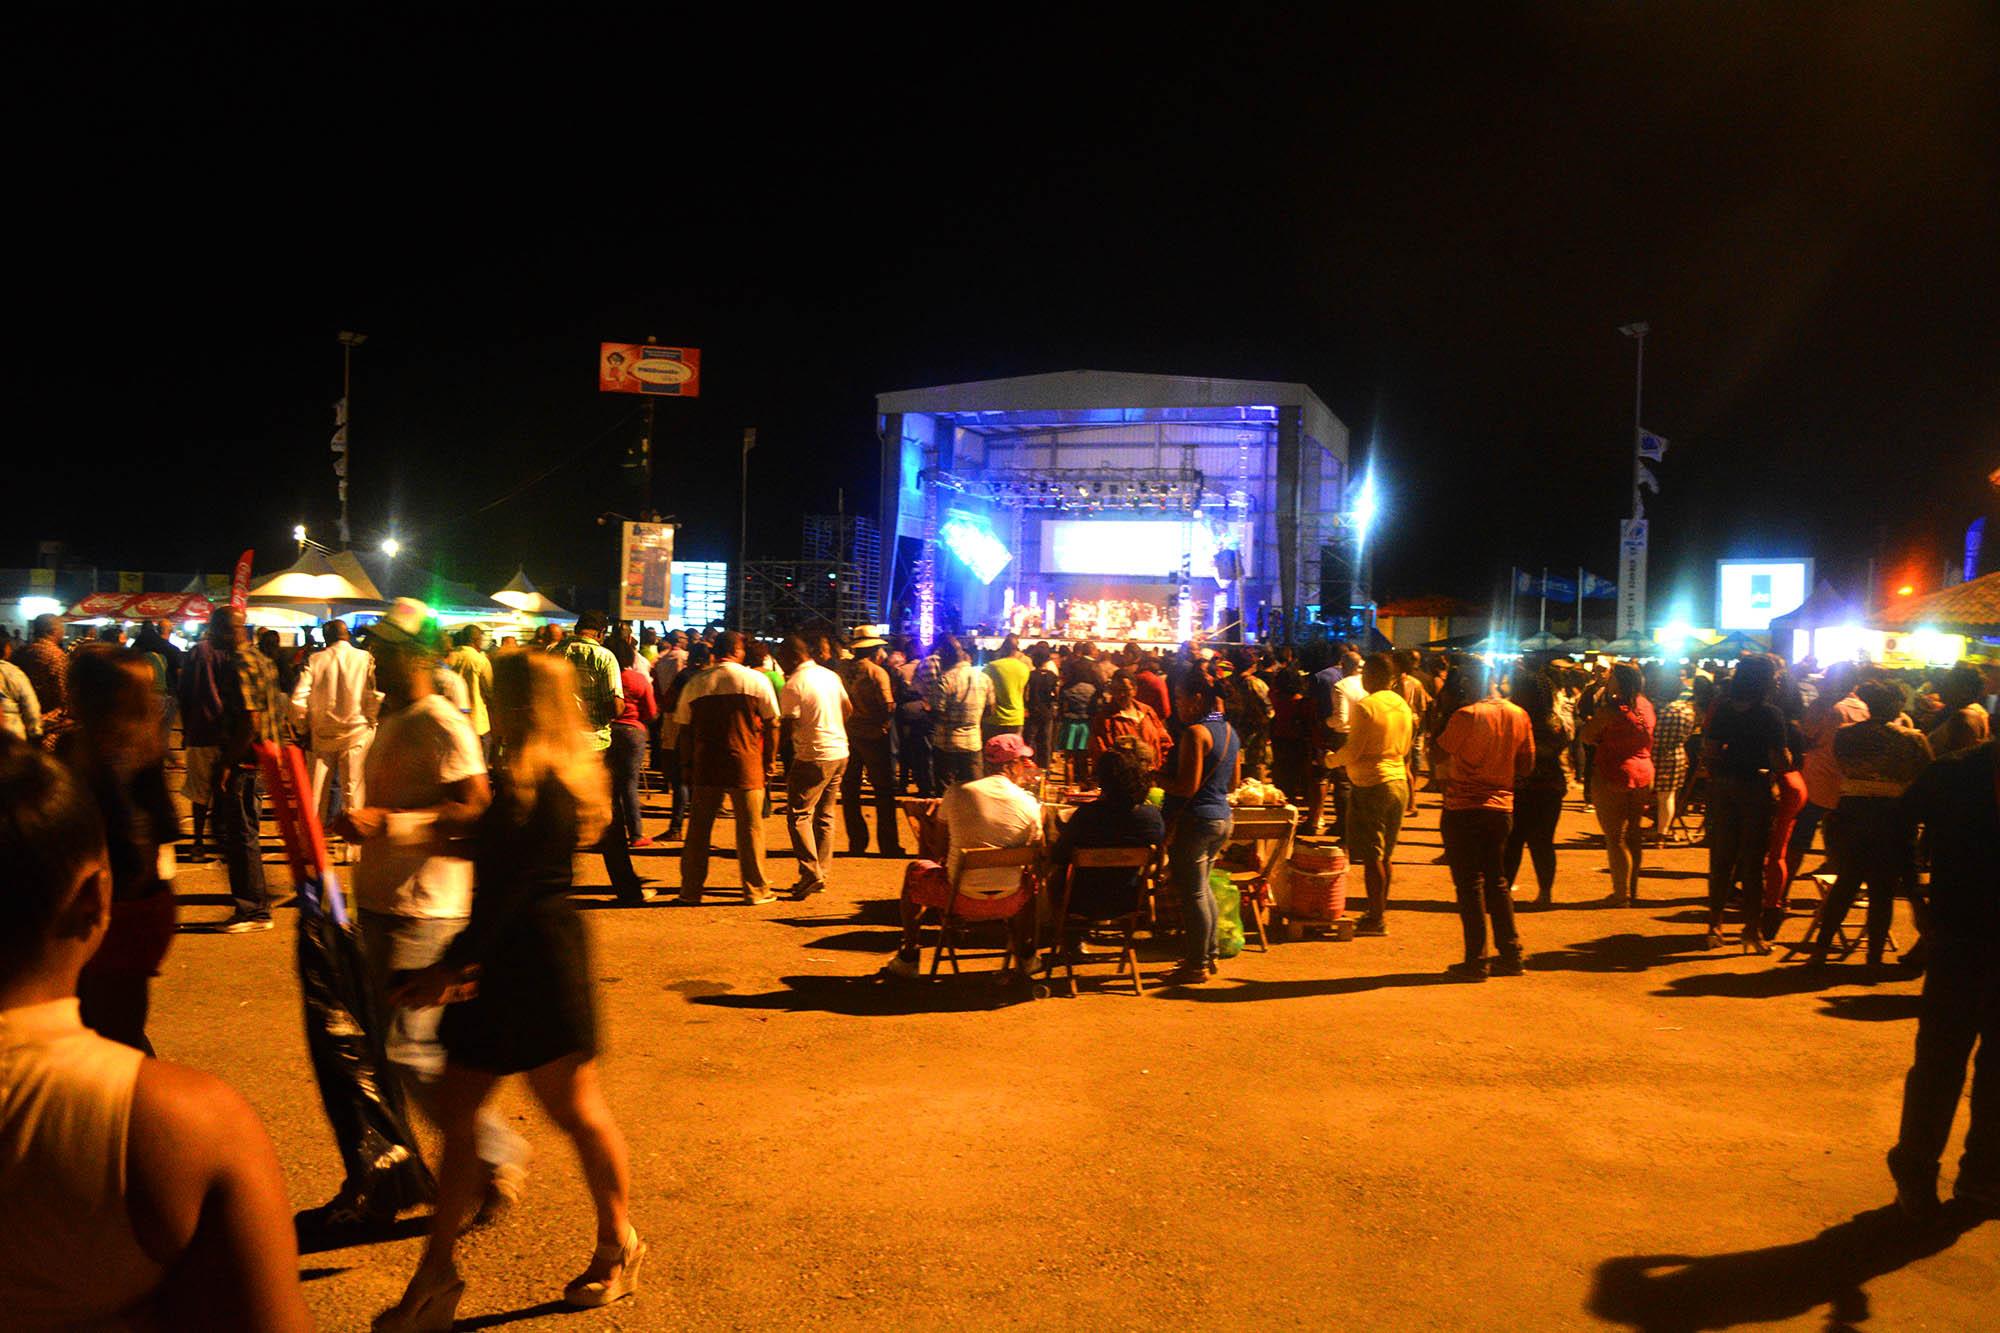 Tumbafestival geproduceerd door TeleCuracao